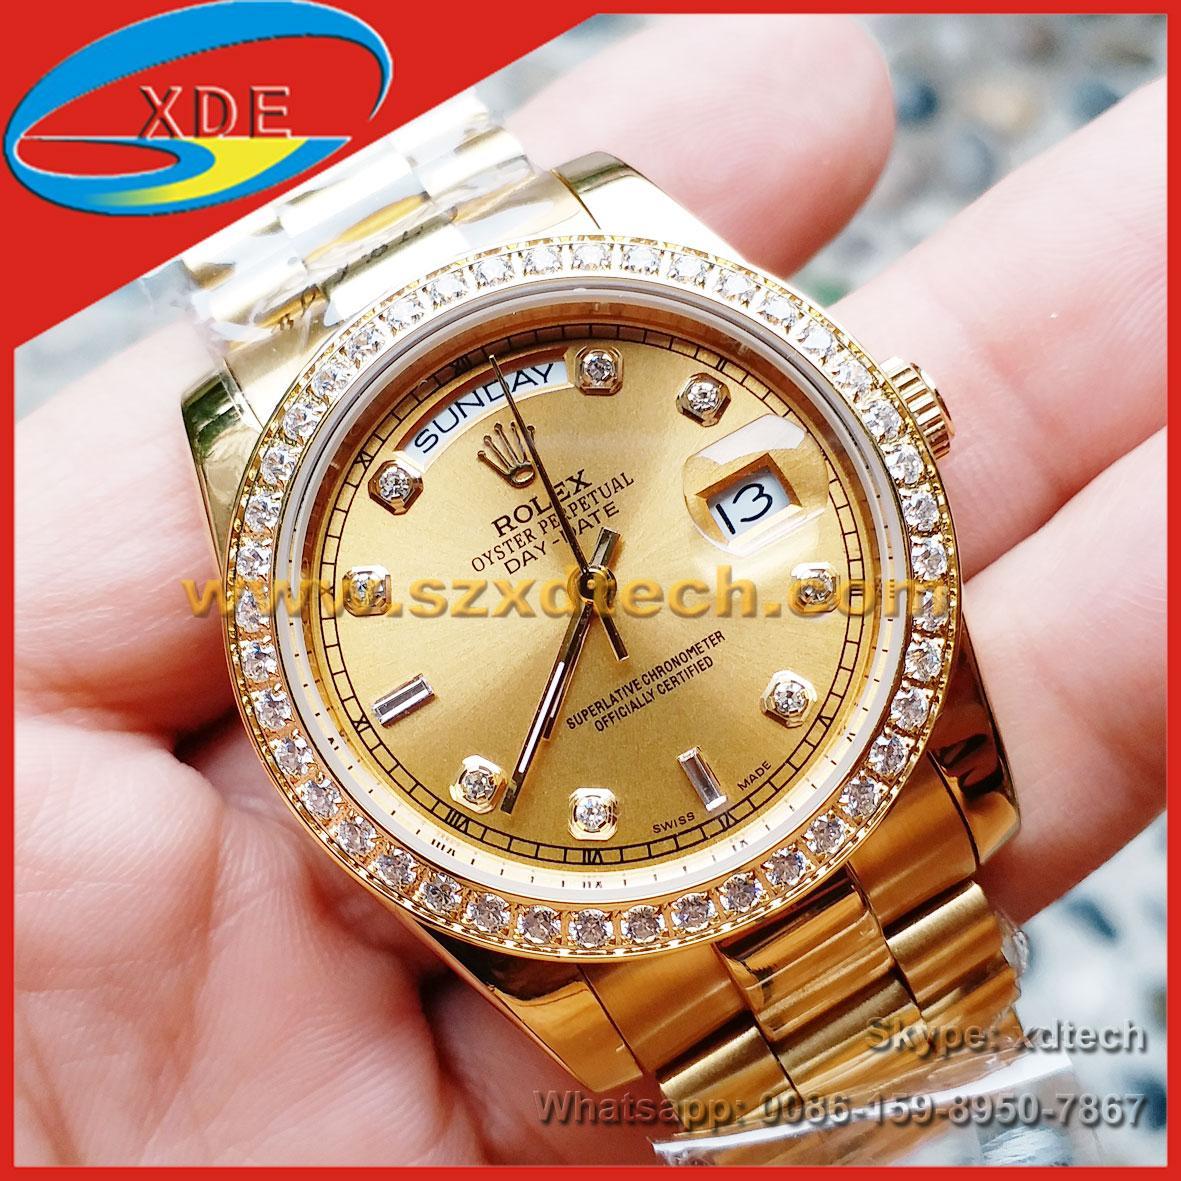 Luxury Rolex Watches Diamond Rolex Wrist Day Date 36 Men's Watch Women's Watch